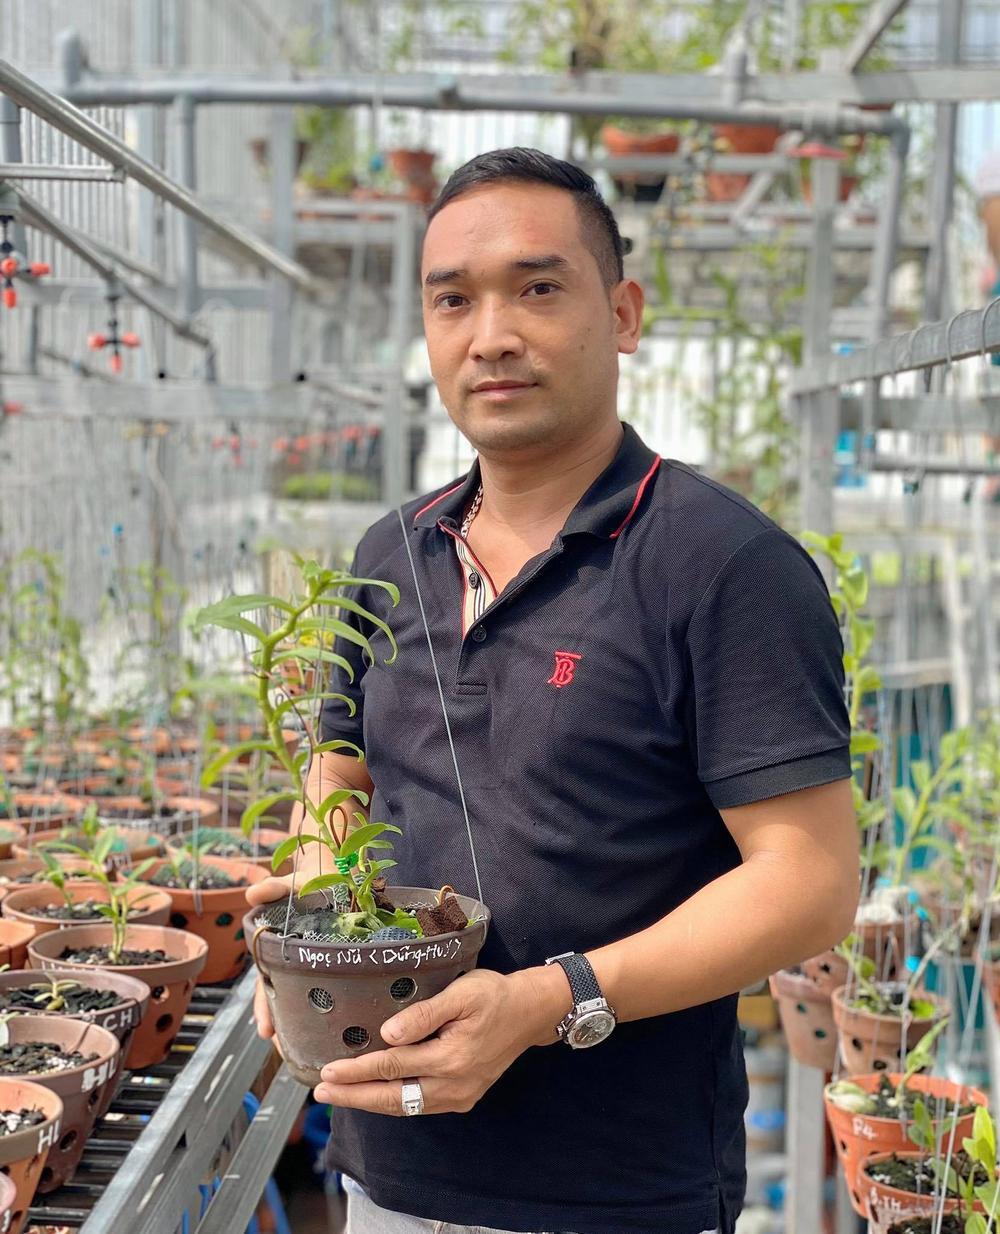 Chặng đường trở thành ông chủ vườn lan nổi tiếng của chàng trai 8X Nguyễn Tiến Huy Ảnh 3